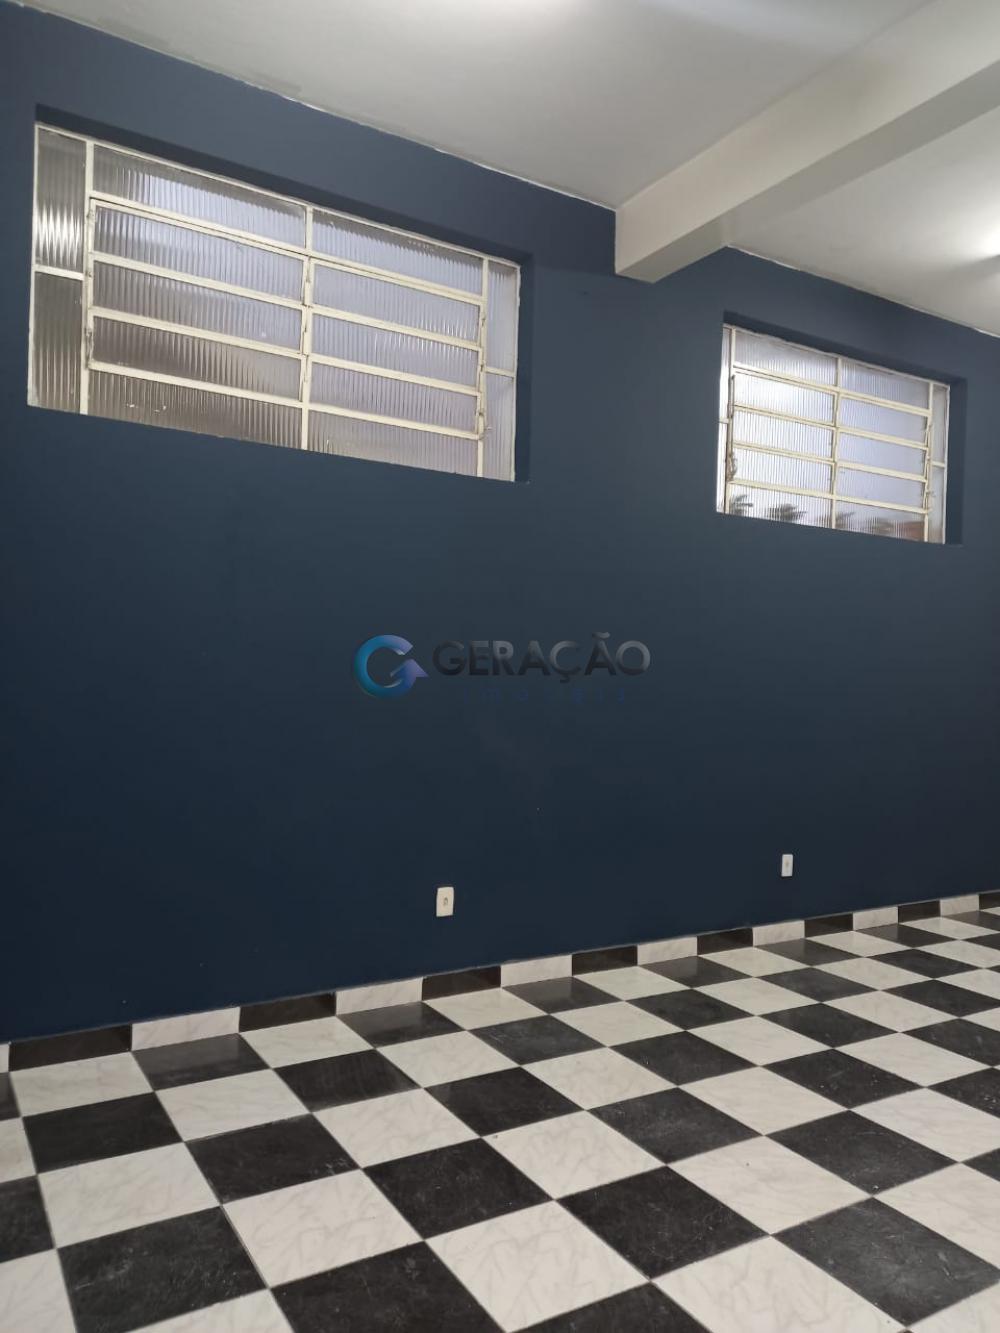 Alugar Comercial / Sala em São José dos Campos R$ 1.500,00 - Foto 2